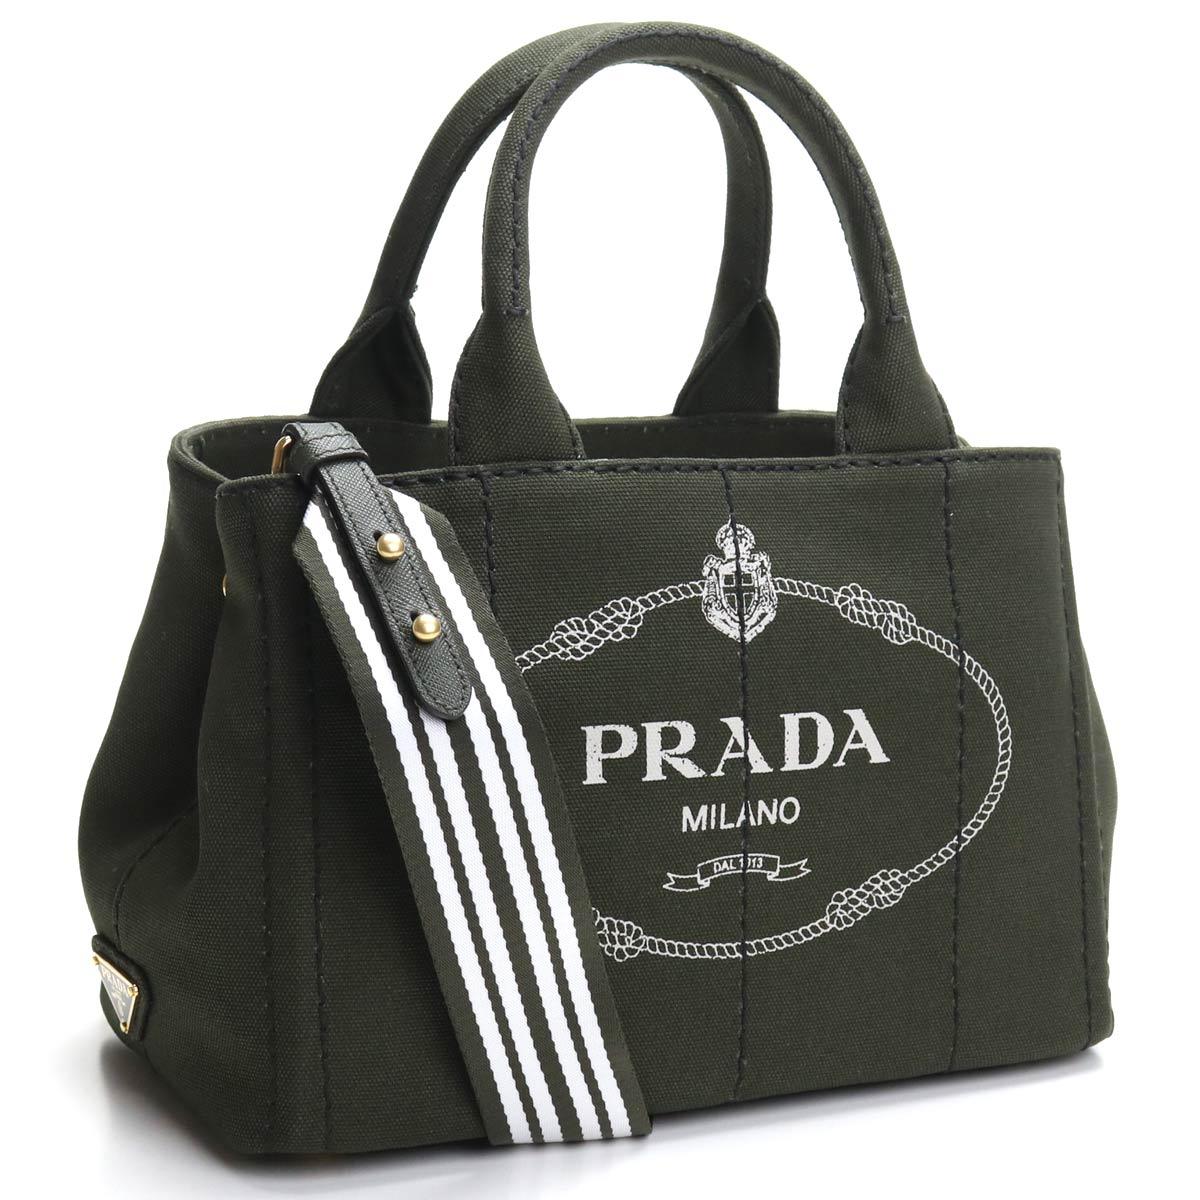 プラダ PRADA カナパ 2way トートバッグ 1BG439 ZKI V ROO F023F MIMETICO+TALCO カーキ レディース